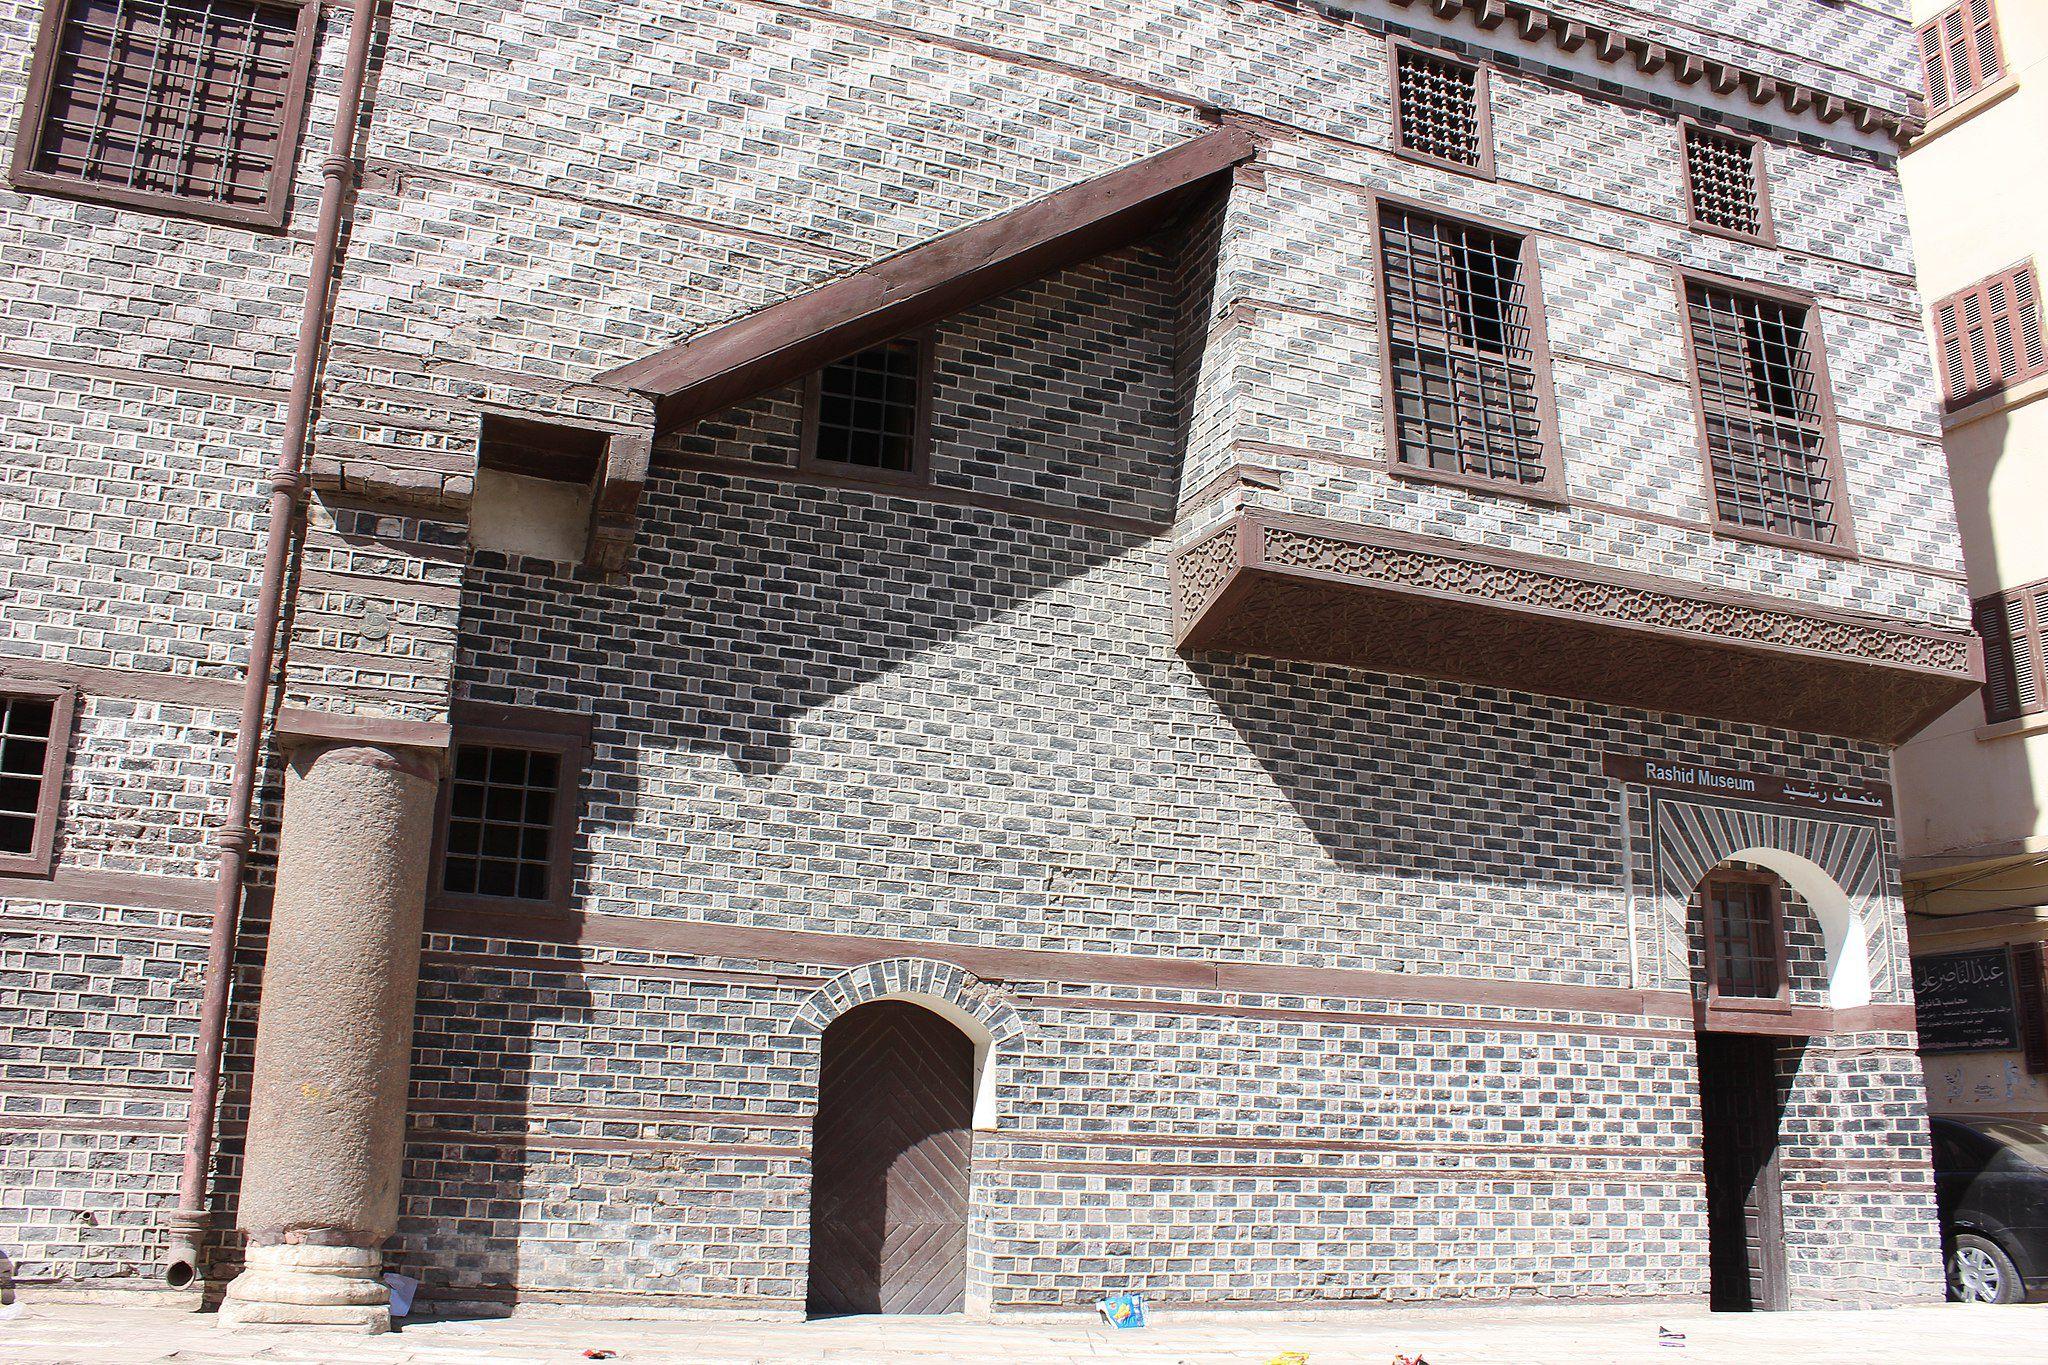 Rashid Museum, Rosetta